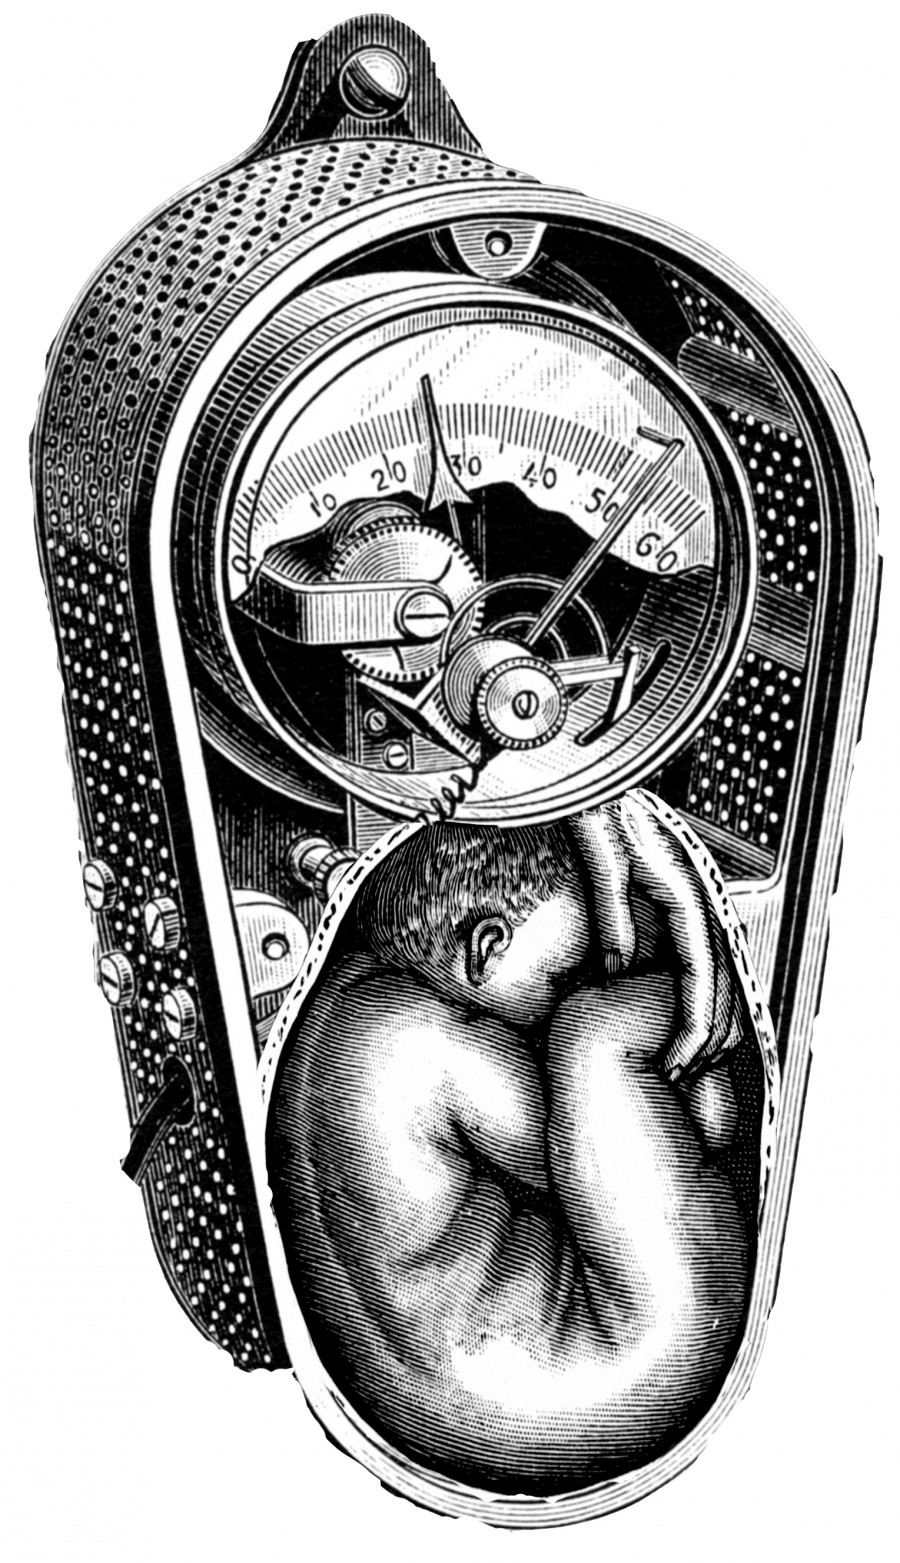 clockwork uterus